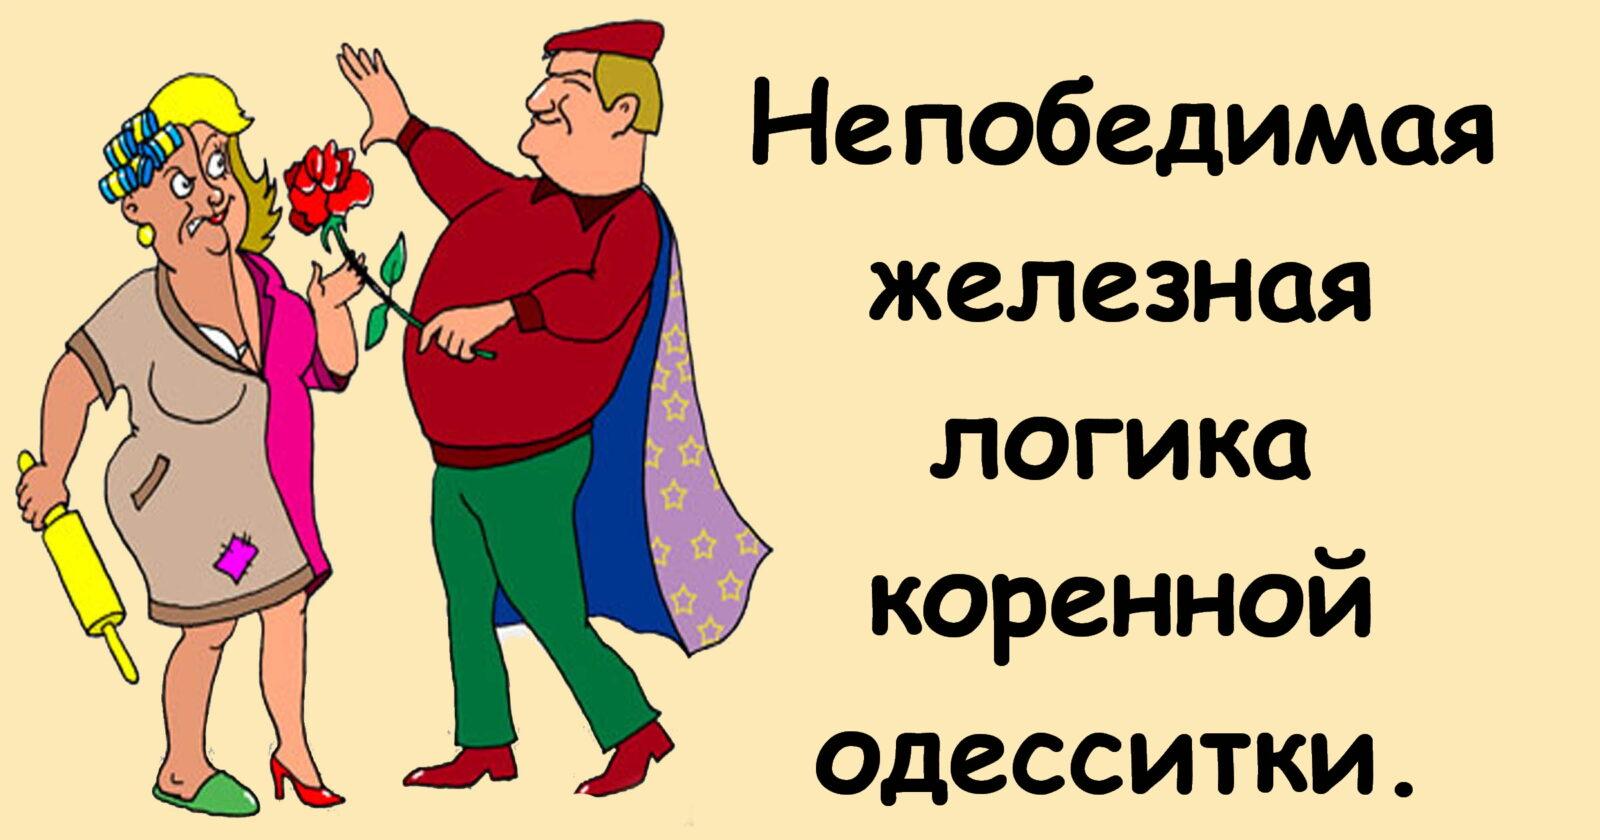 Мы снова в Одессе, улыбнитесь